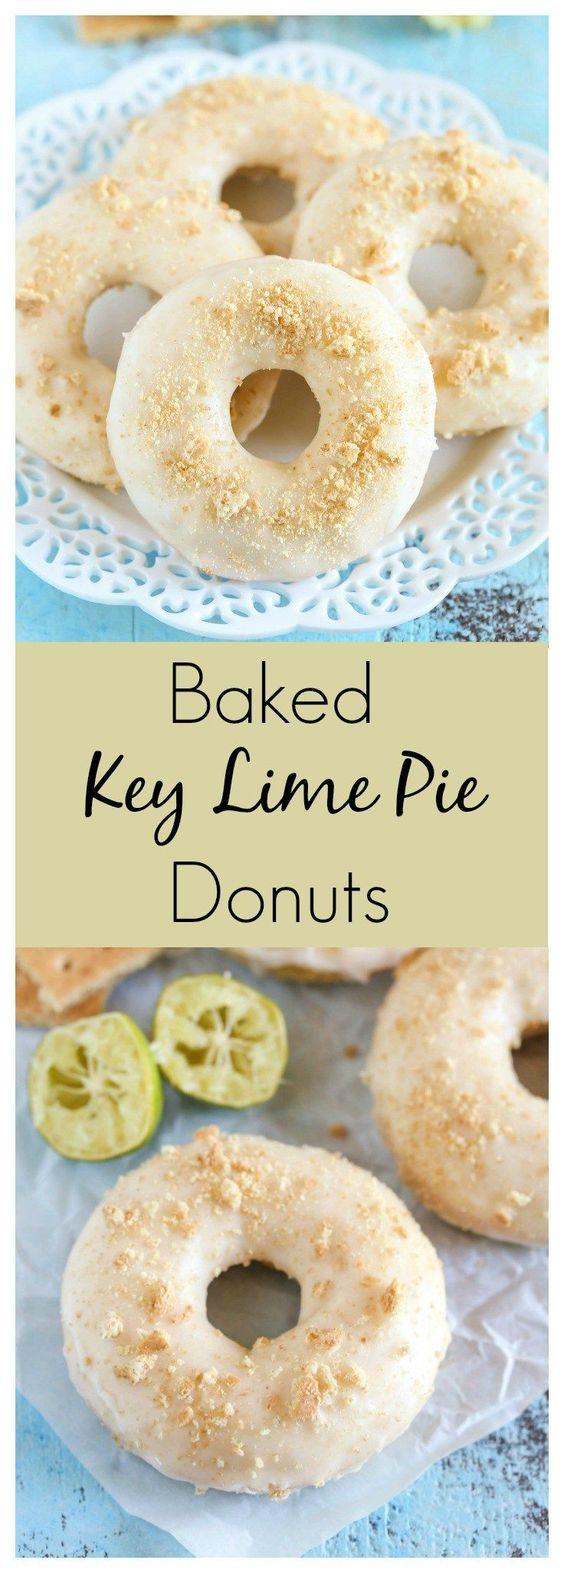 how to make key lime dounuts